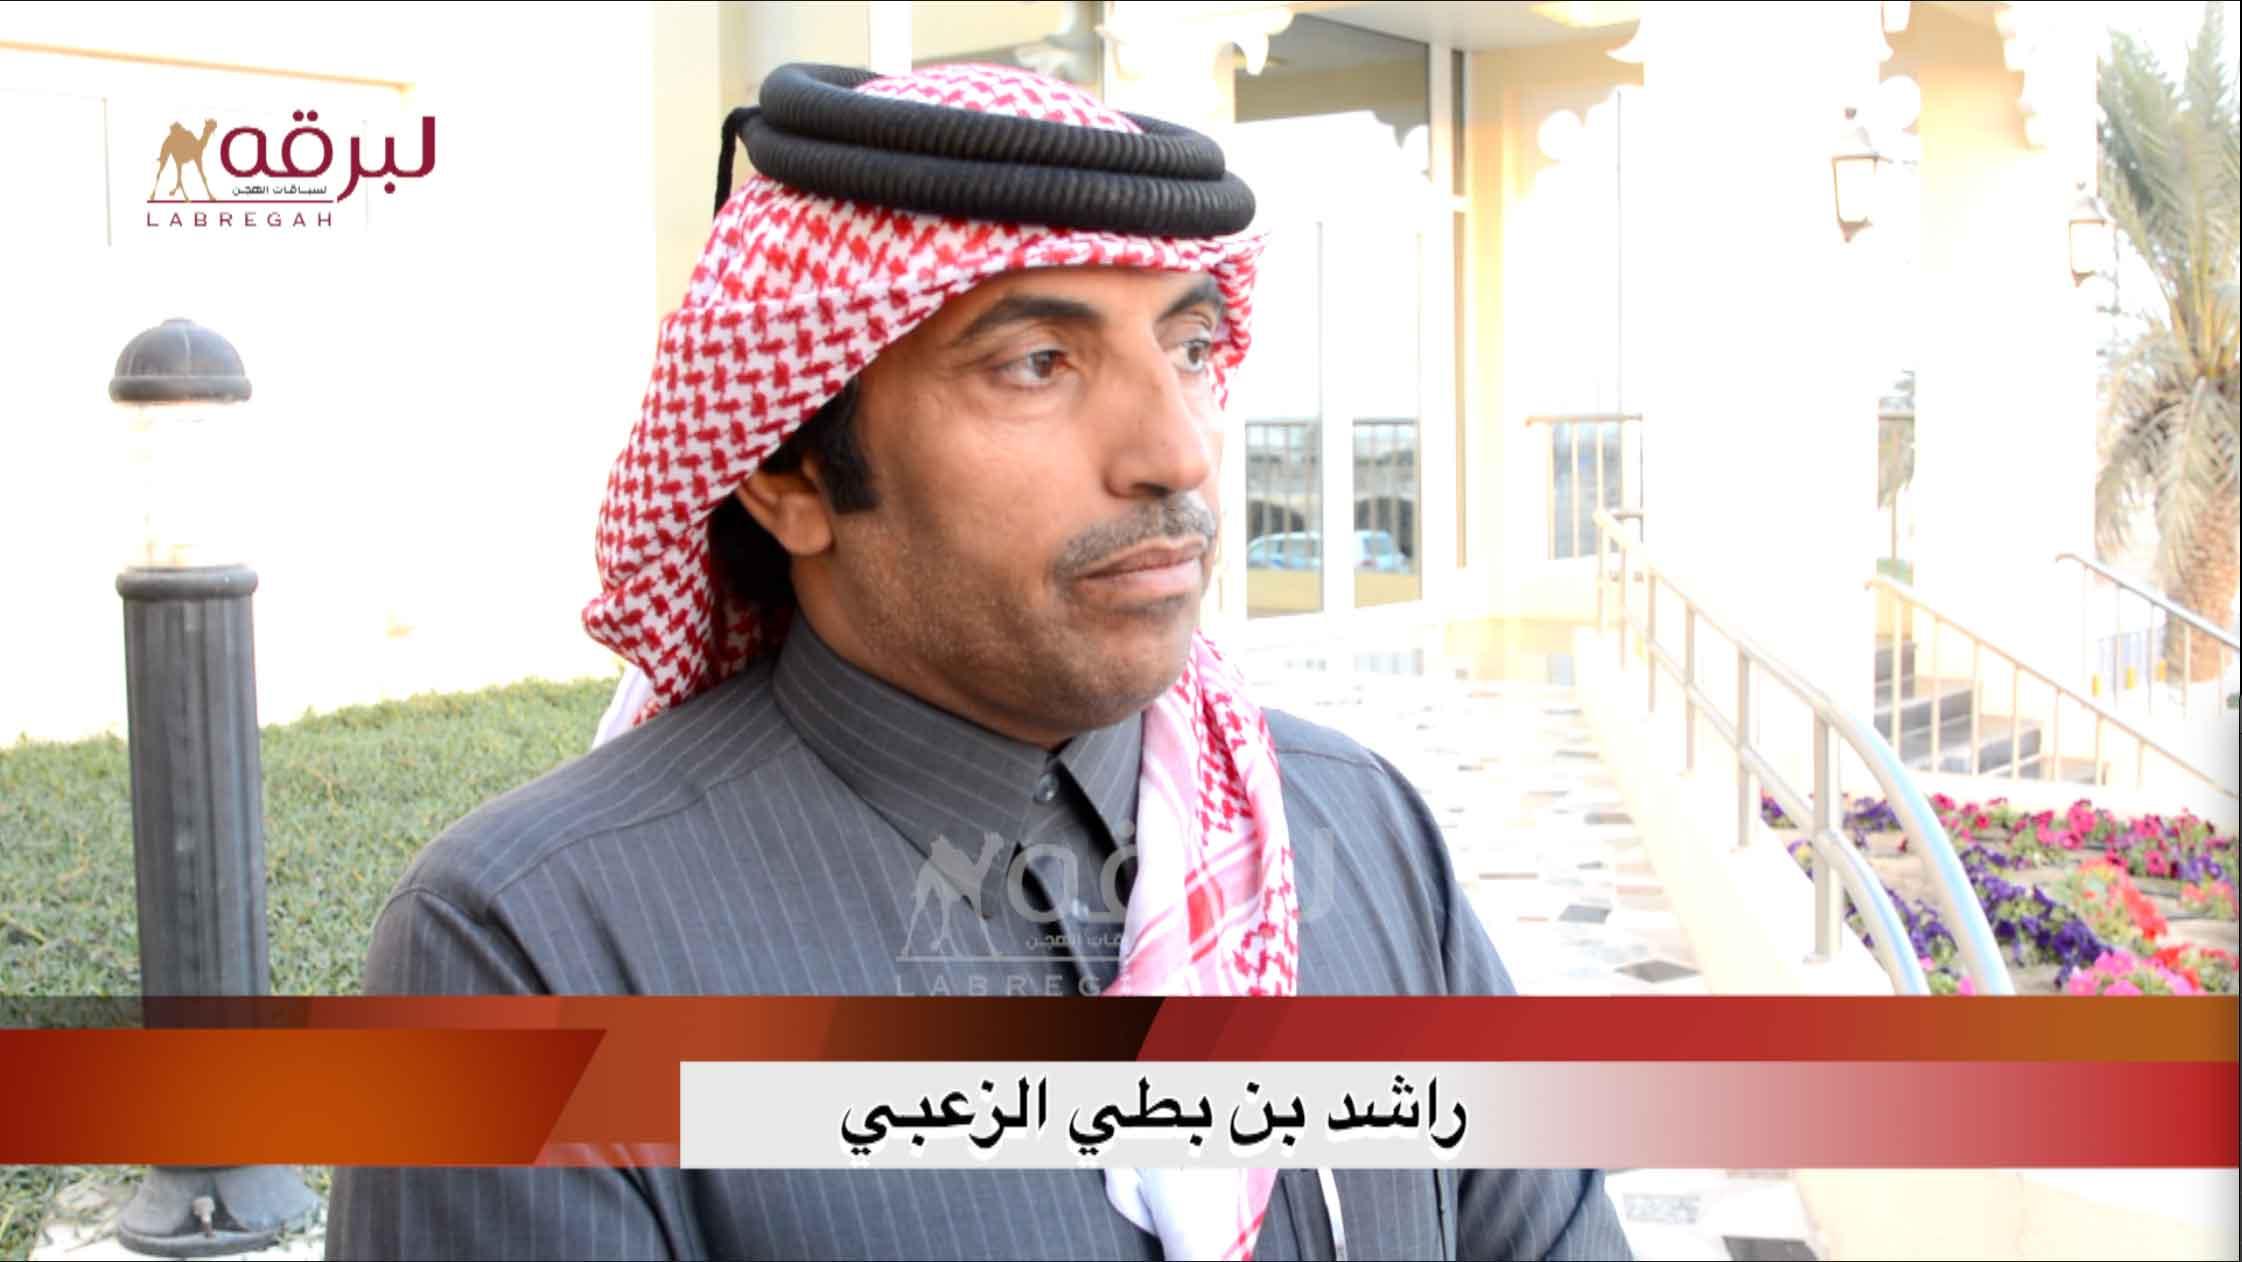 لقاء مع راشد بن بطي الزعبي.. السيف الذهبي للحيل مفتوح أشواط مفتوحة  ٩-١٢-٢٠٢٠